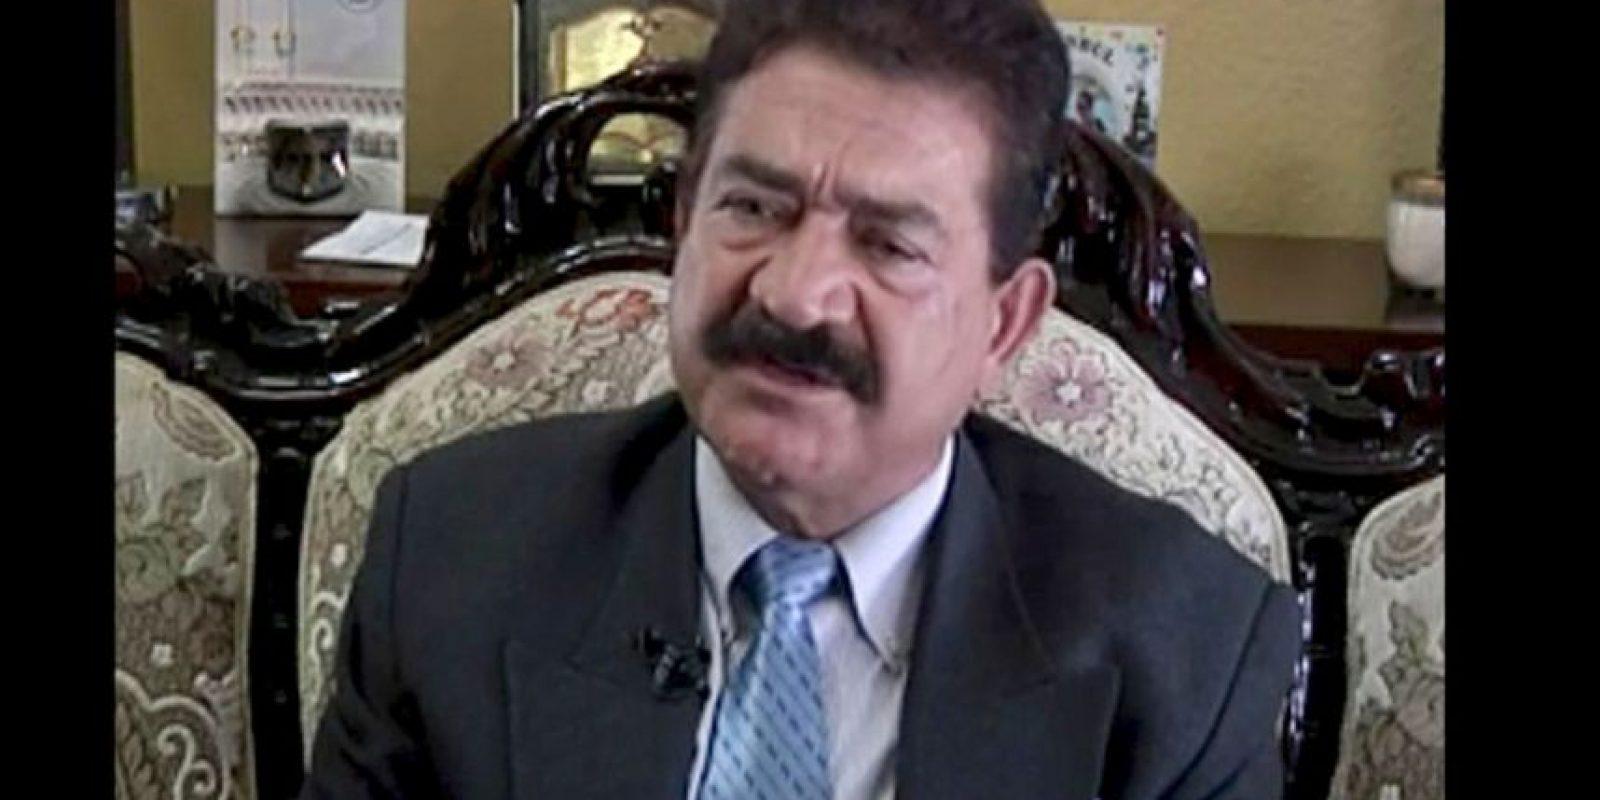 """El padre de Omar, Seddique Mir Mateen, ha declarado que """"Dios va a castigar a los homosexuales"""". Foto:AP"""